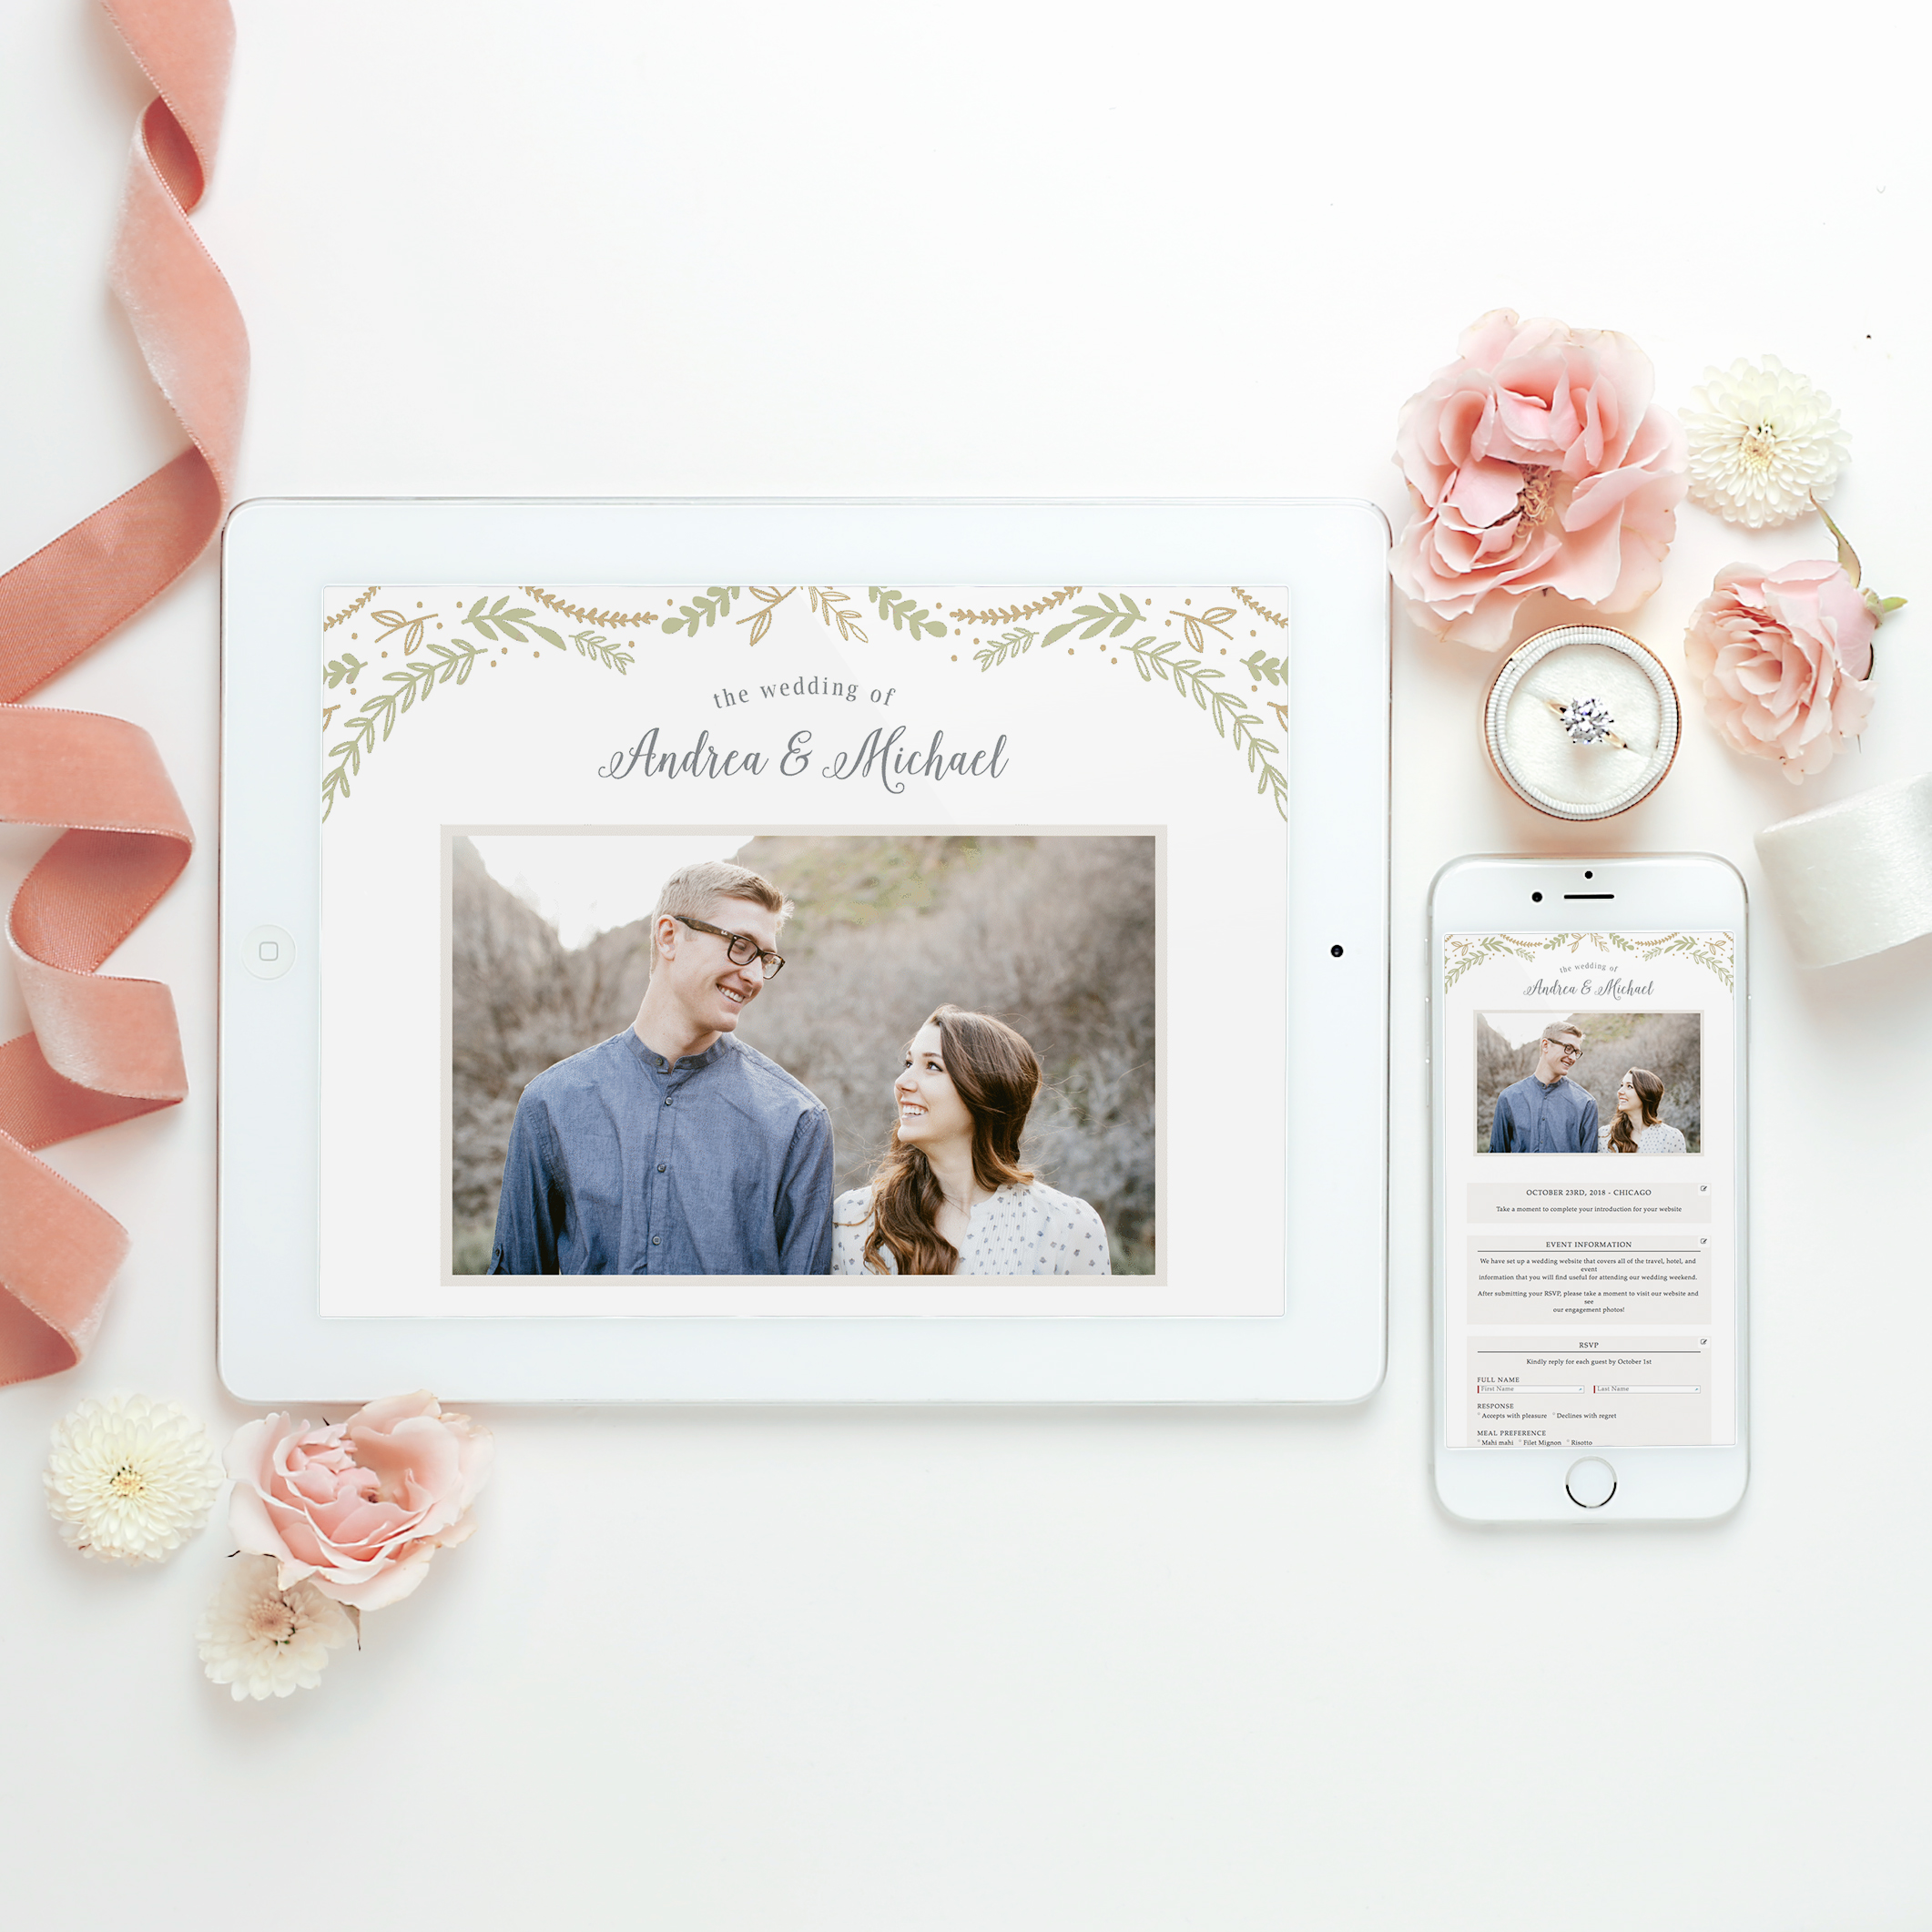 Ashley Clark Blog: Basic Invite